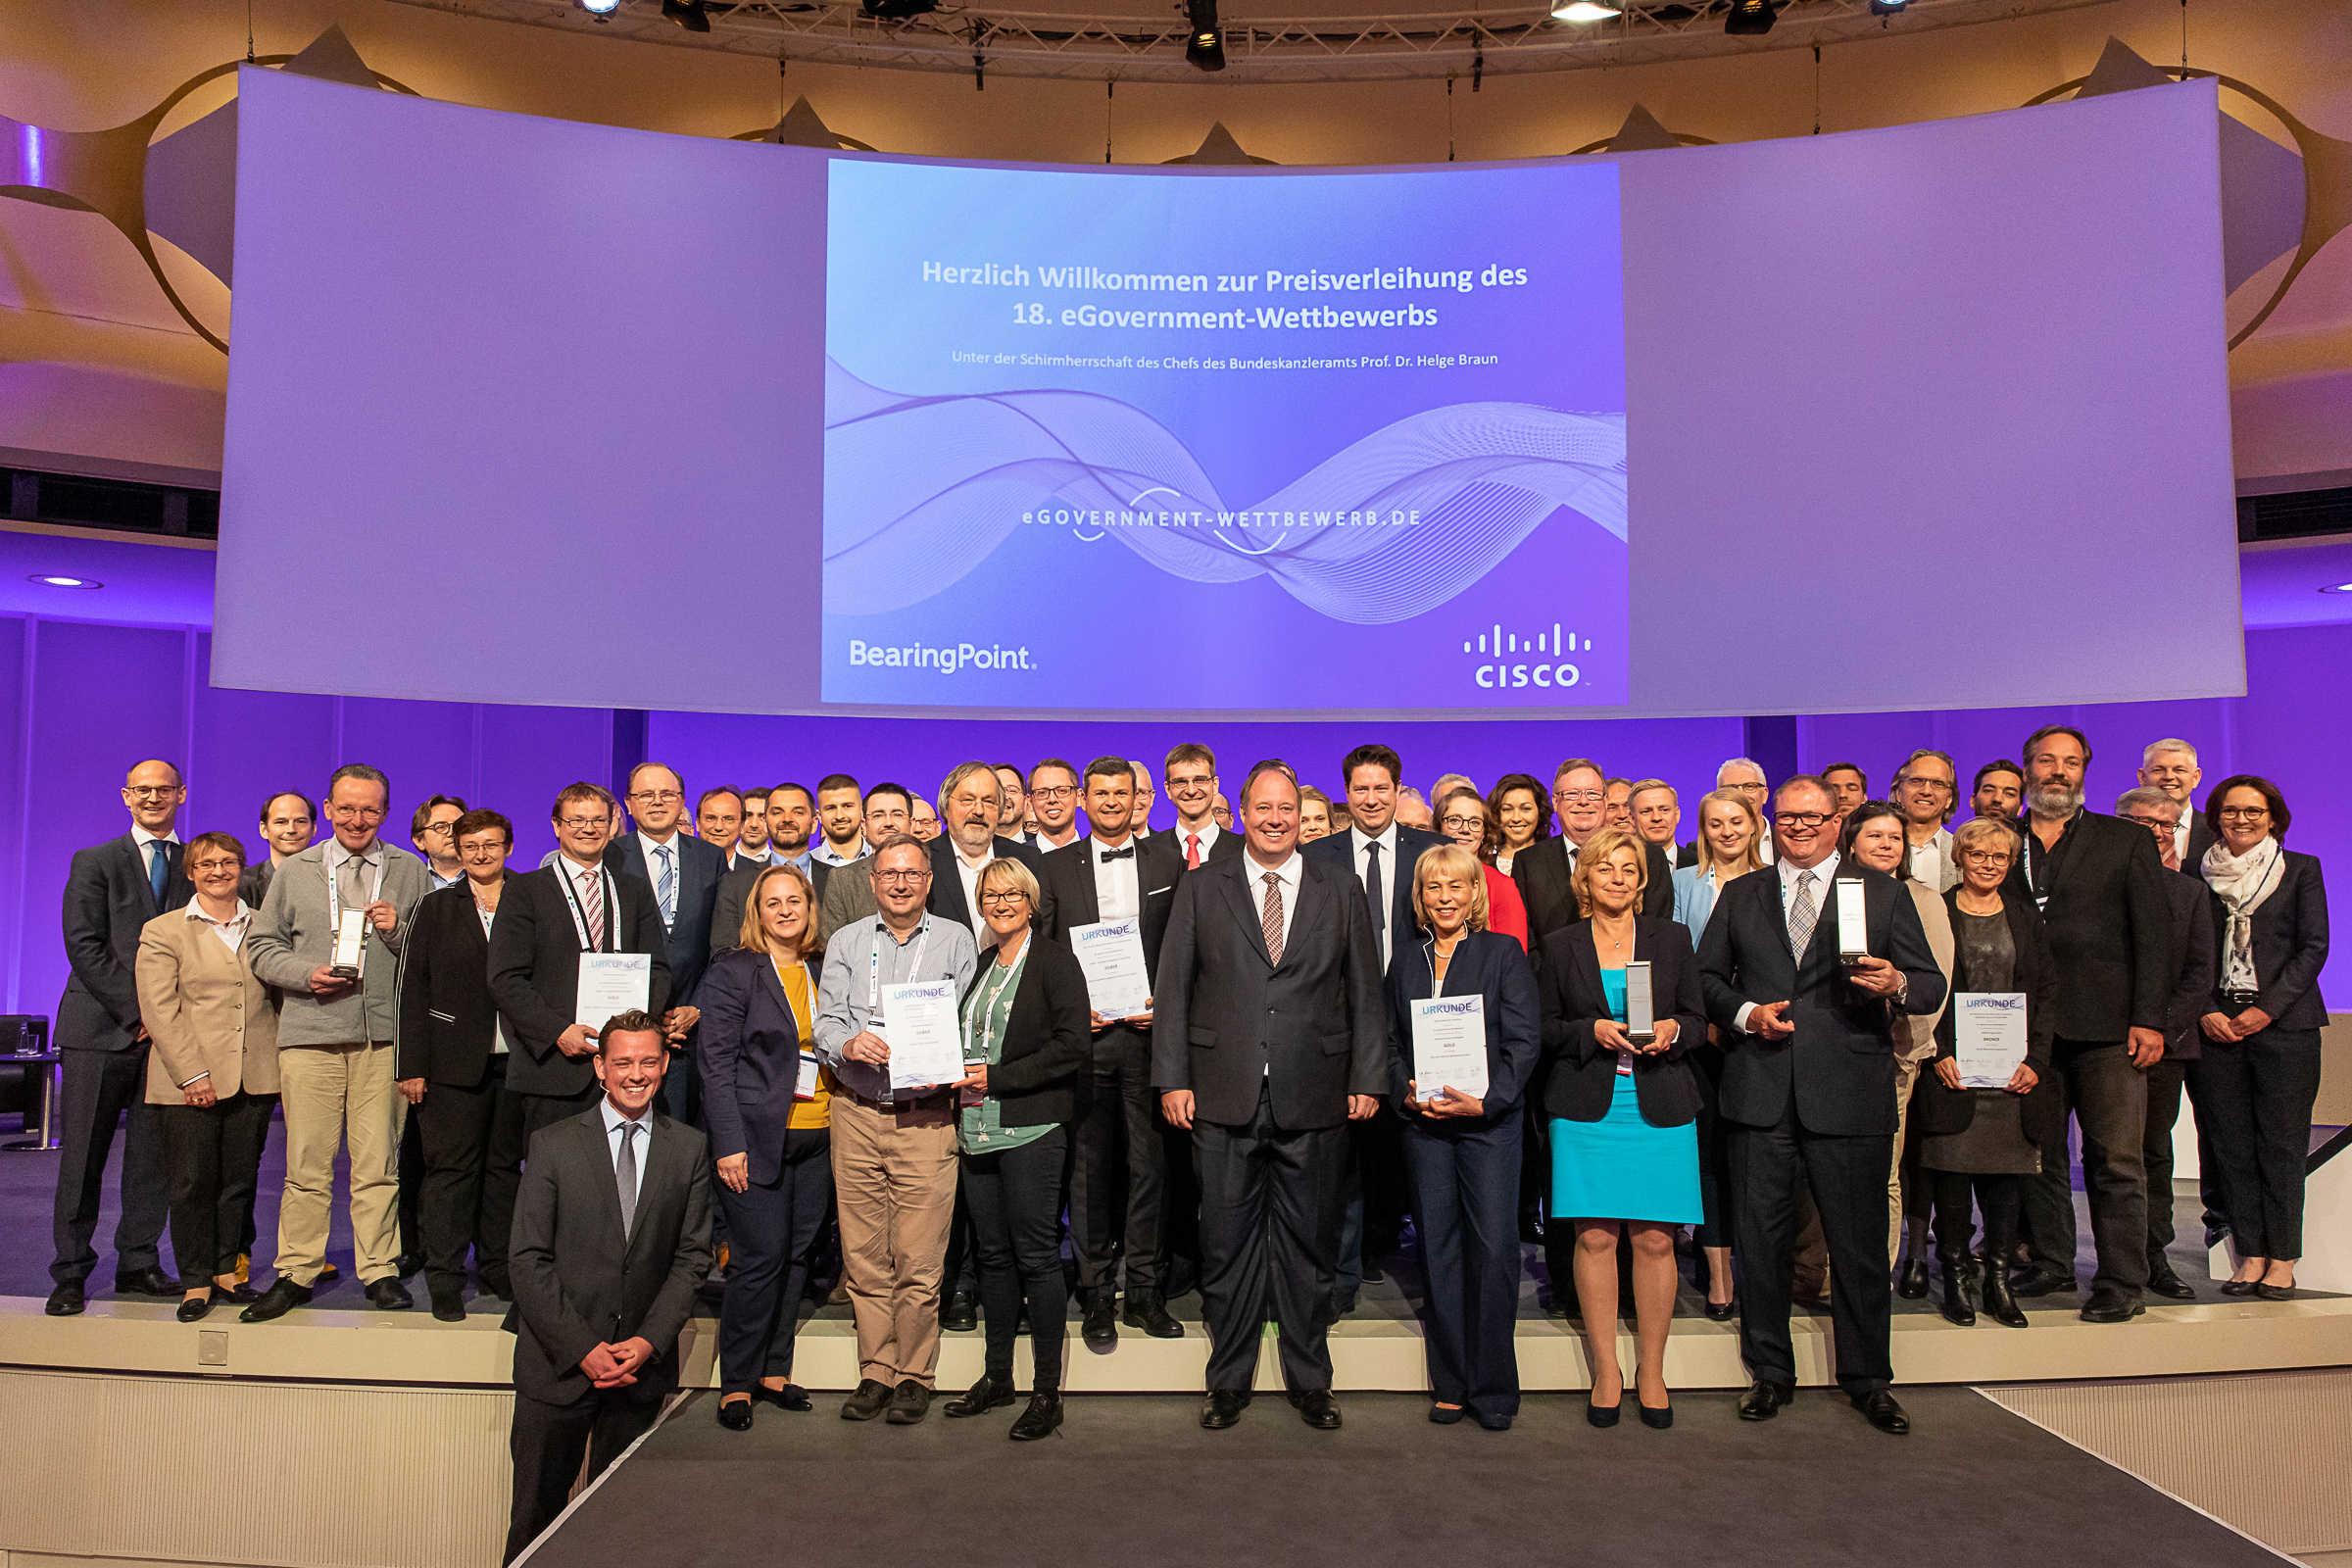 6b0a1a1fe1ccd Platz 3 für die Digitalstadt Darmstadt beim eGovernment-Wettbewerb